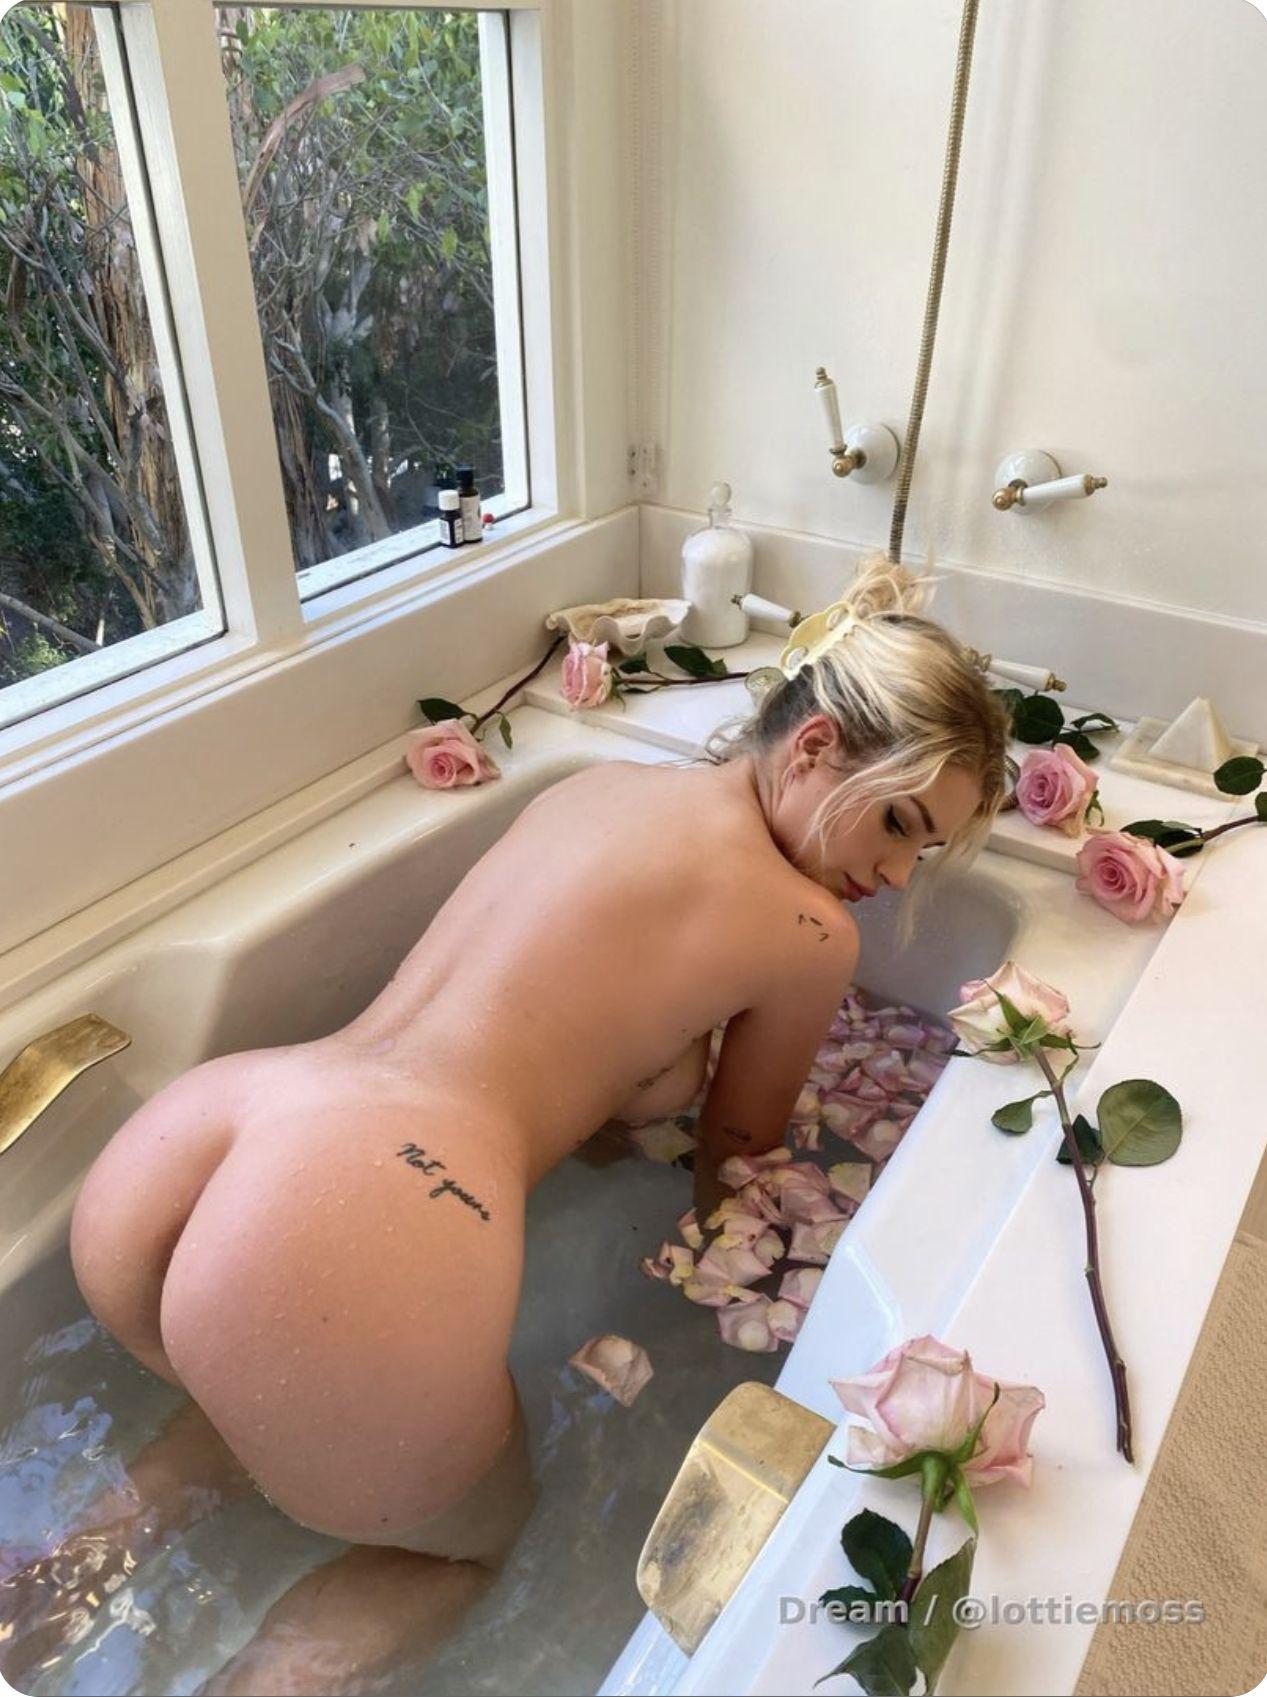 Lottie Moss Naked In Bath